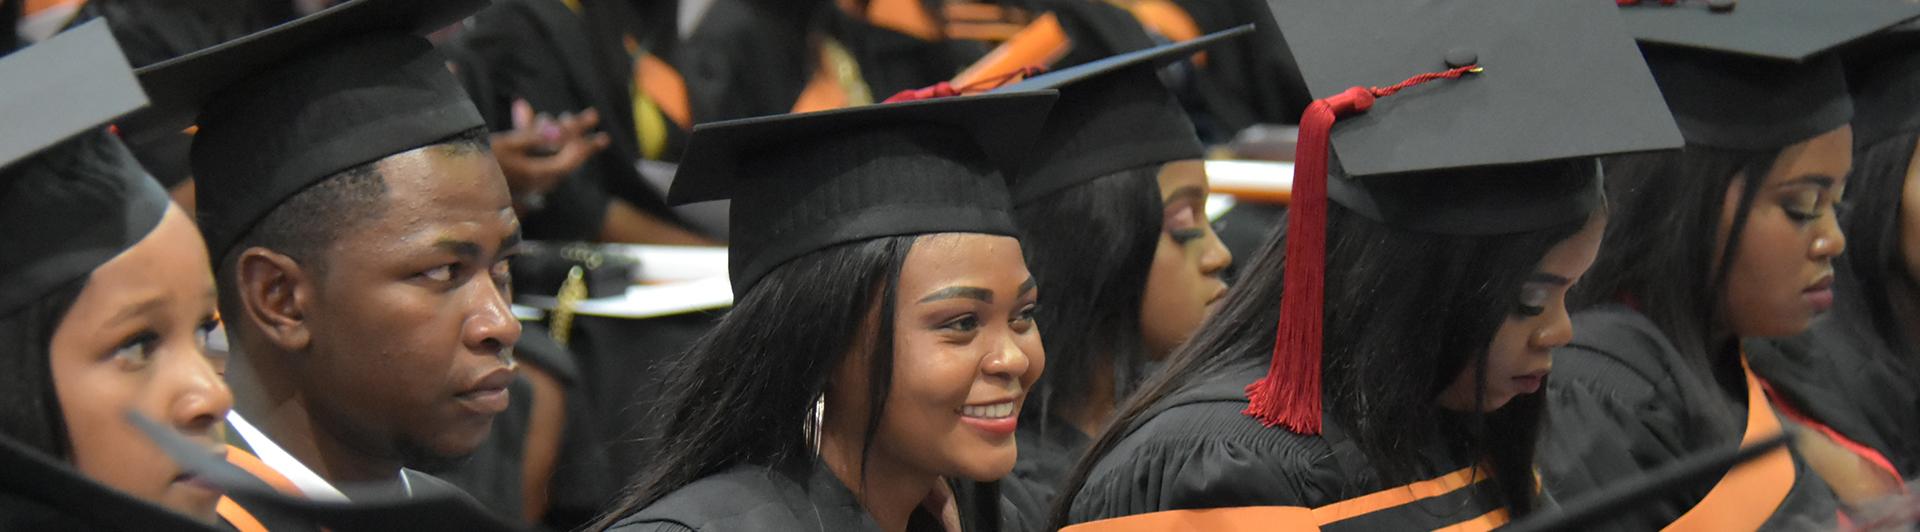 Qwaqwa Graduations 2019